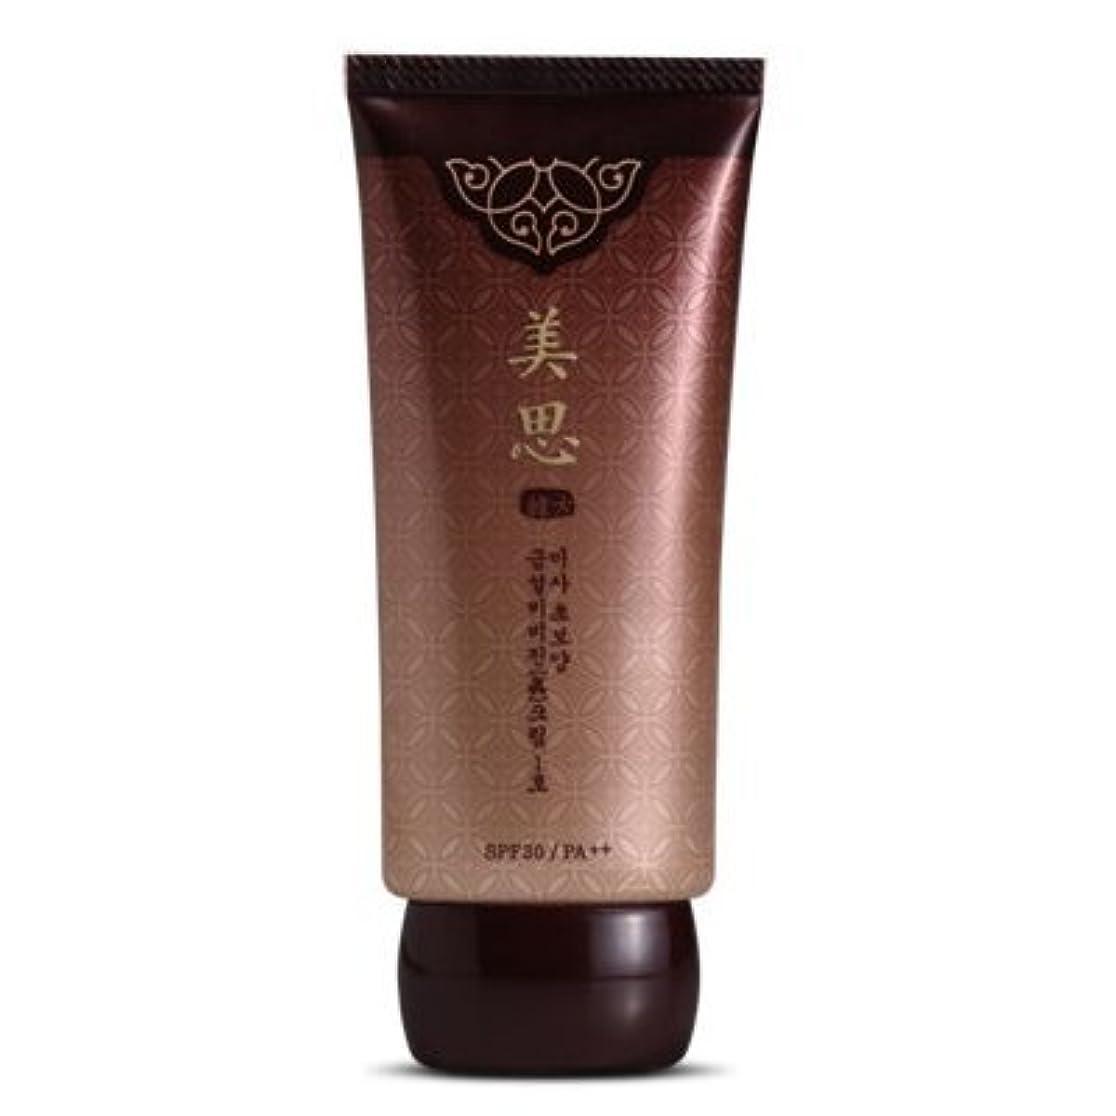 王朝長老いっぱい【MISSHA (ミシャ)】 Cho Bo Yang BB Cream チョボヤン BBクリーム No.2 (ナチュラル ベージュ)